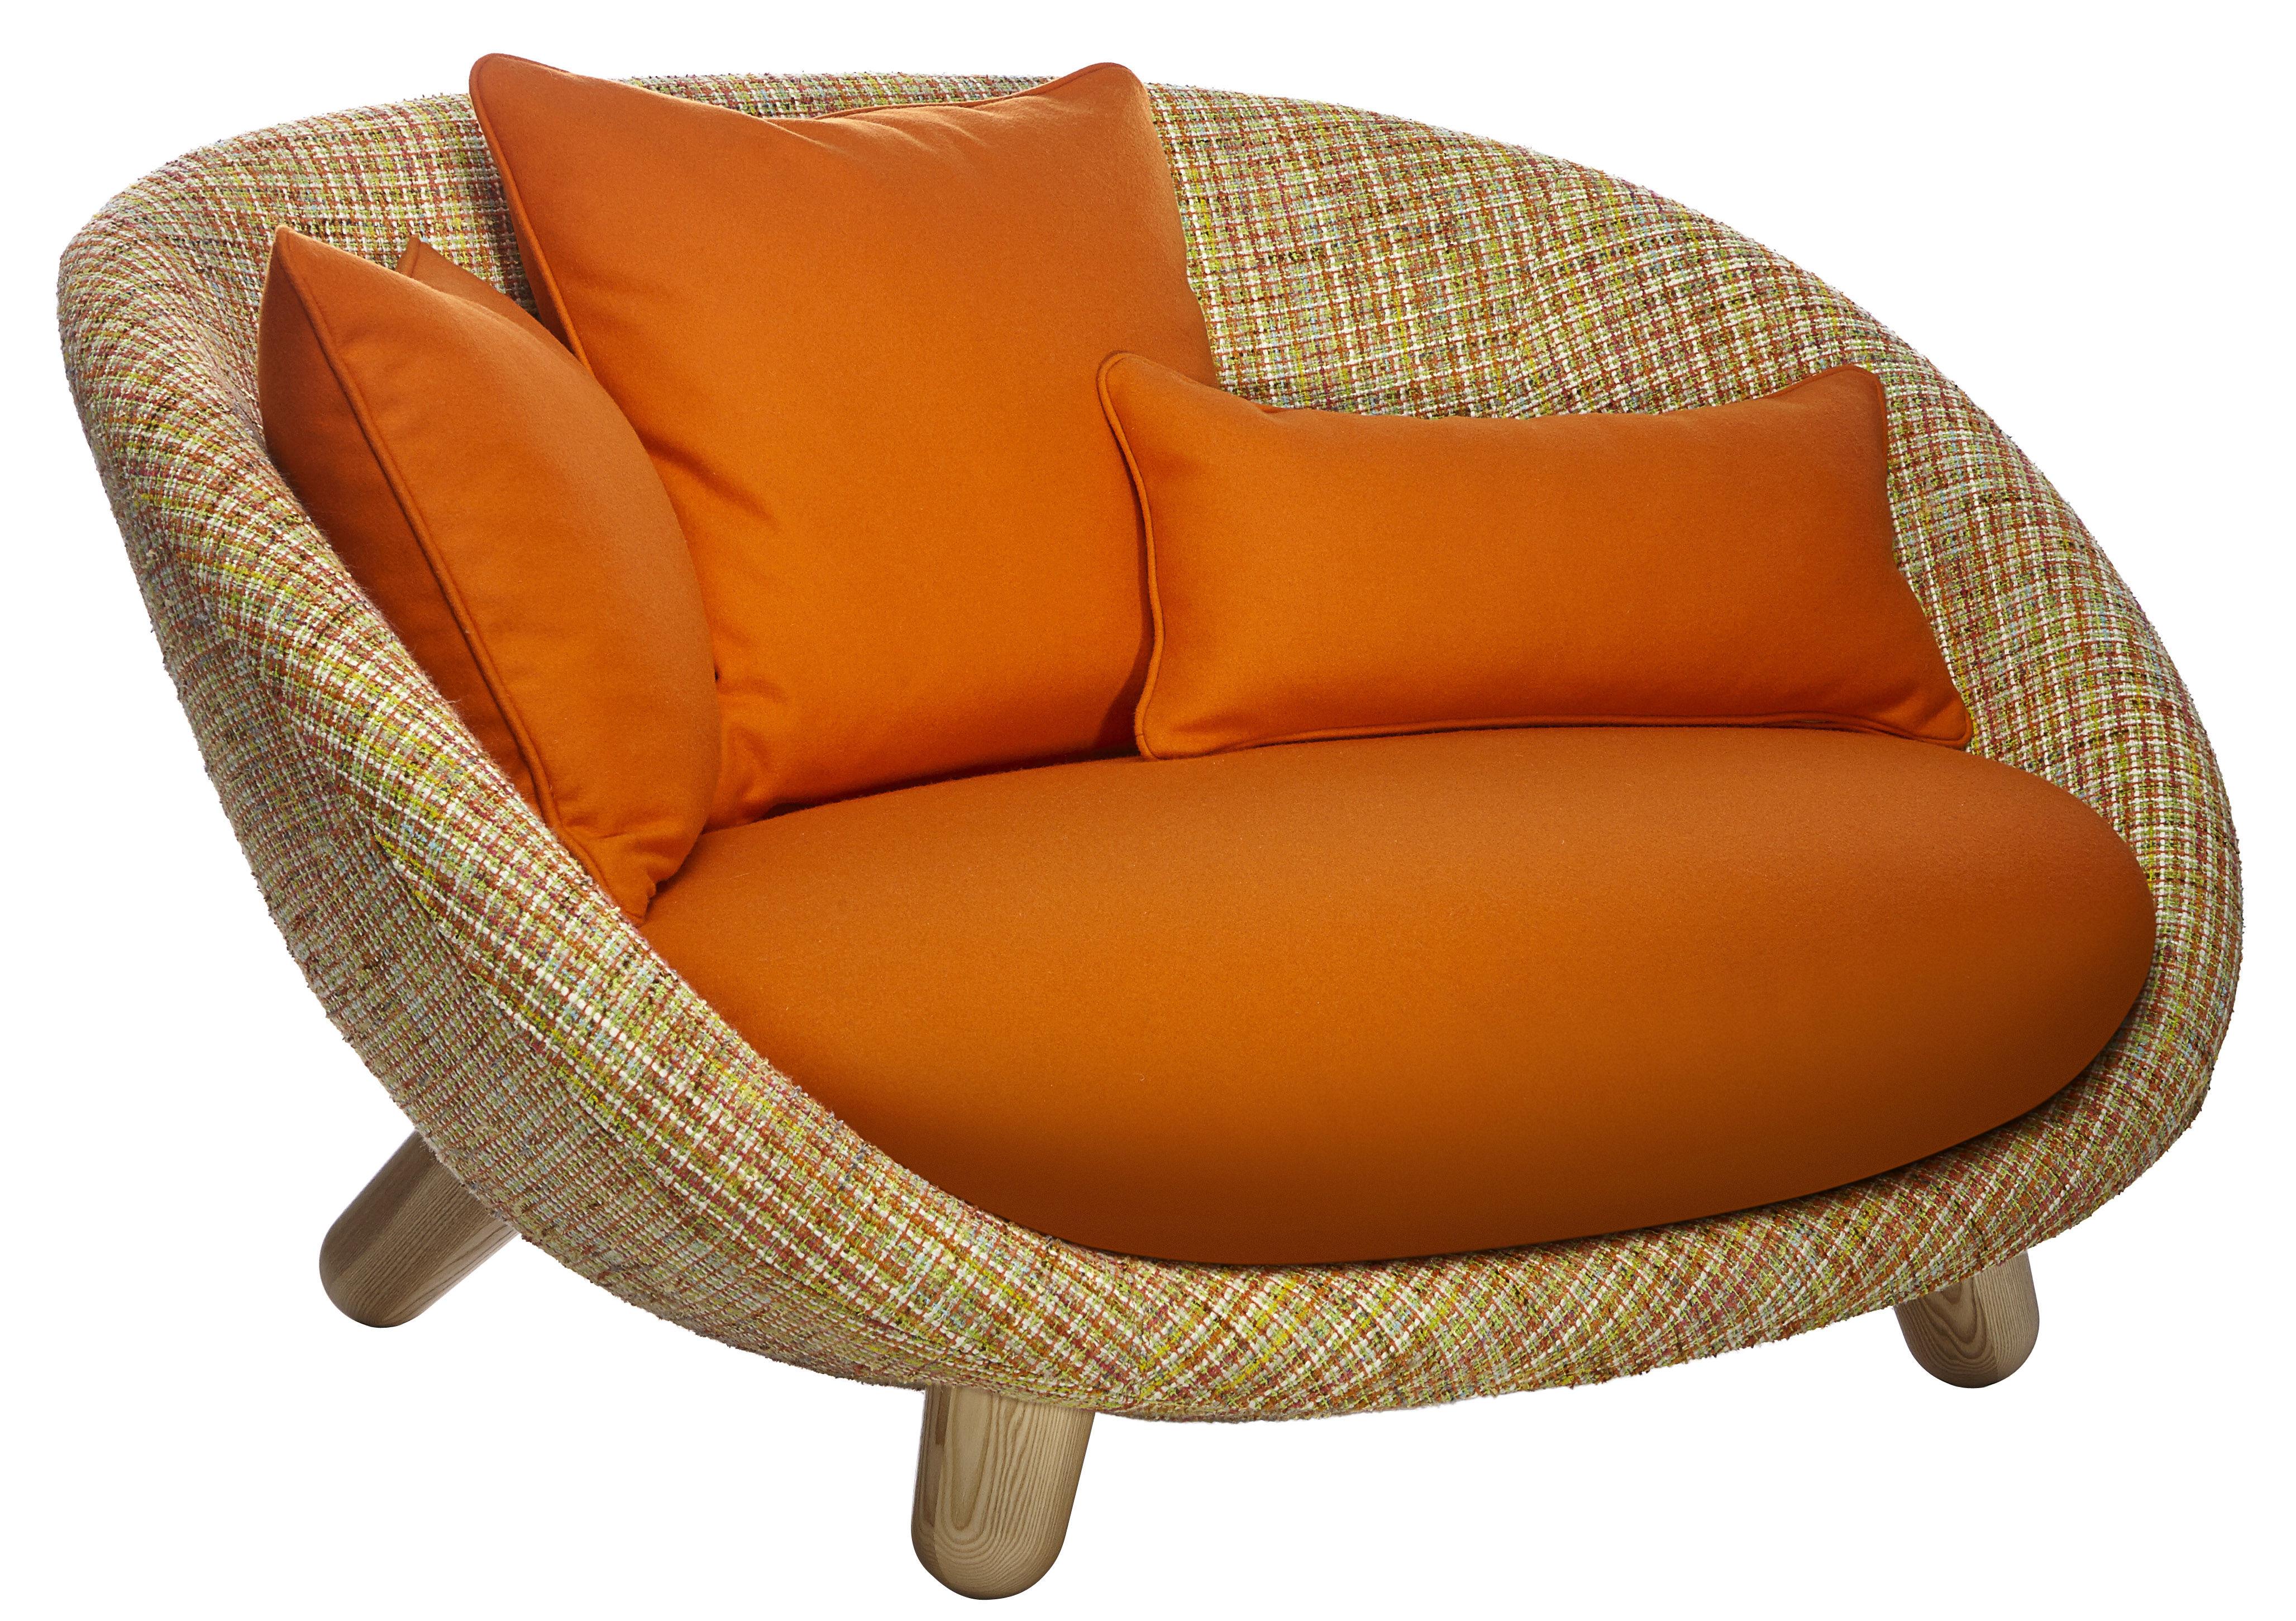 Mobilier - Canapés - Canapé droit Love / 2 places - L 129 cm - Moooi - Multicolore / Coussins orange / Bois clair - Acier, Chêne, Mousse, Tissu